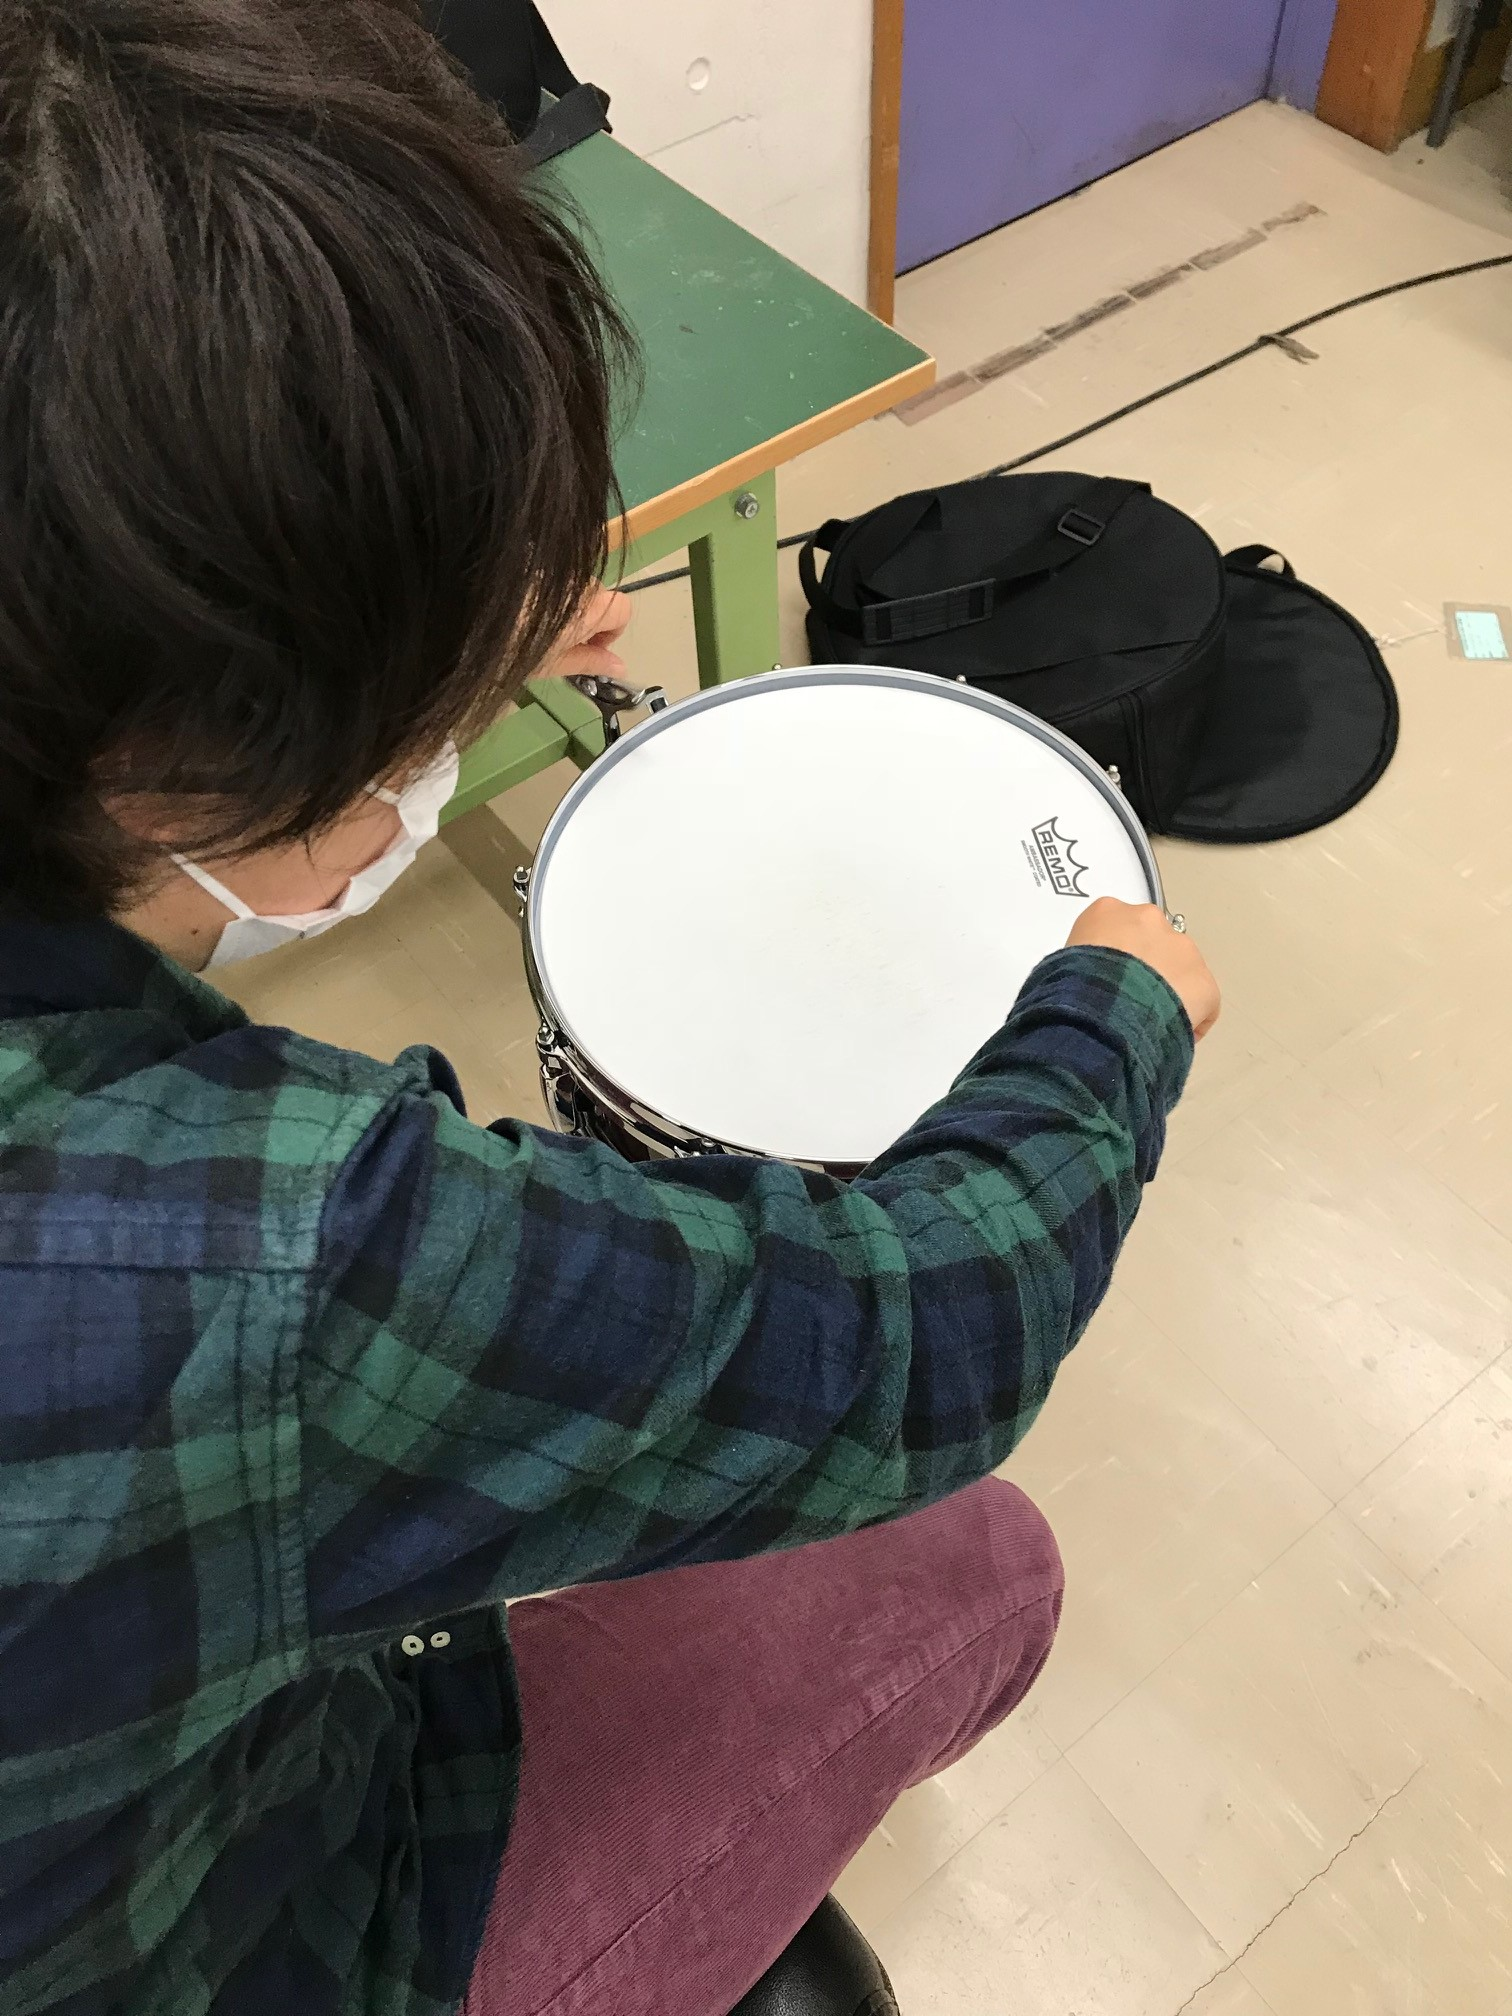 在校生がスネアをスタンドに設置している様子を、頭上から撮影した写真。